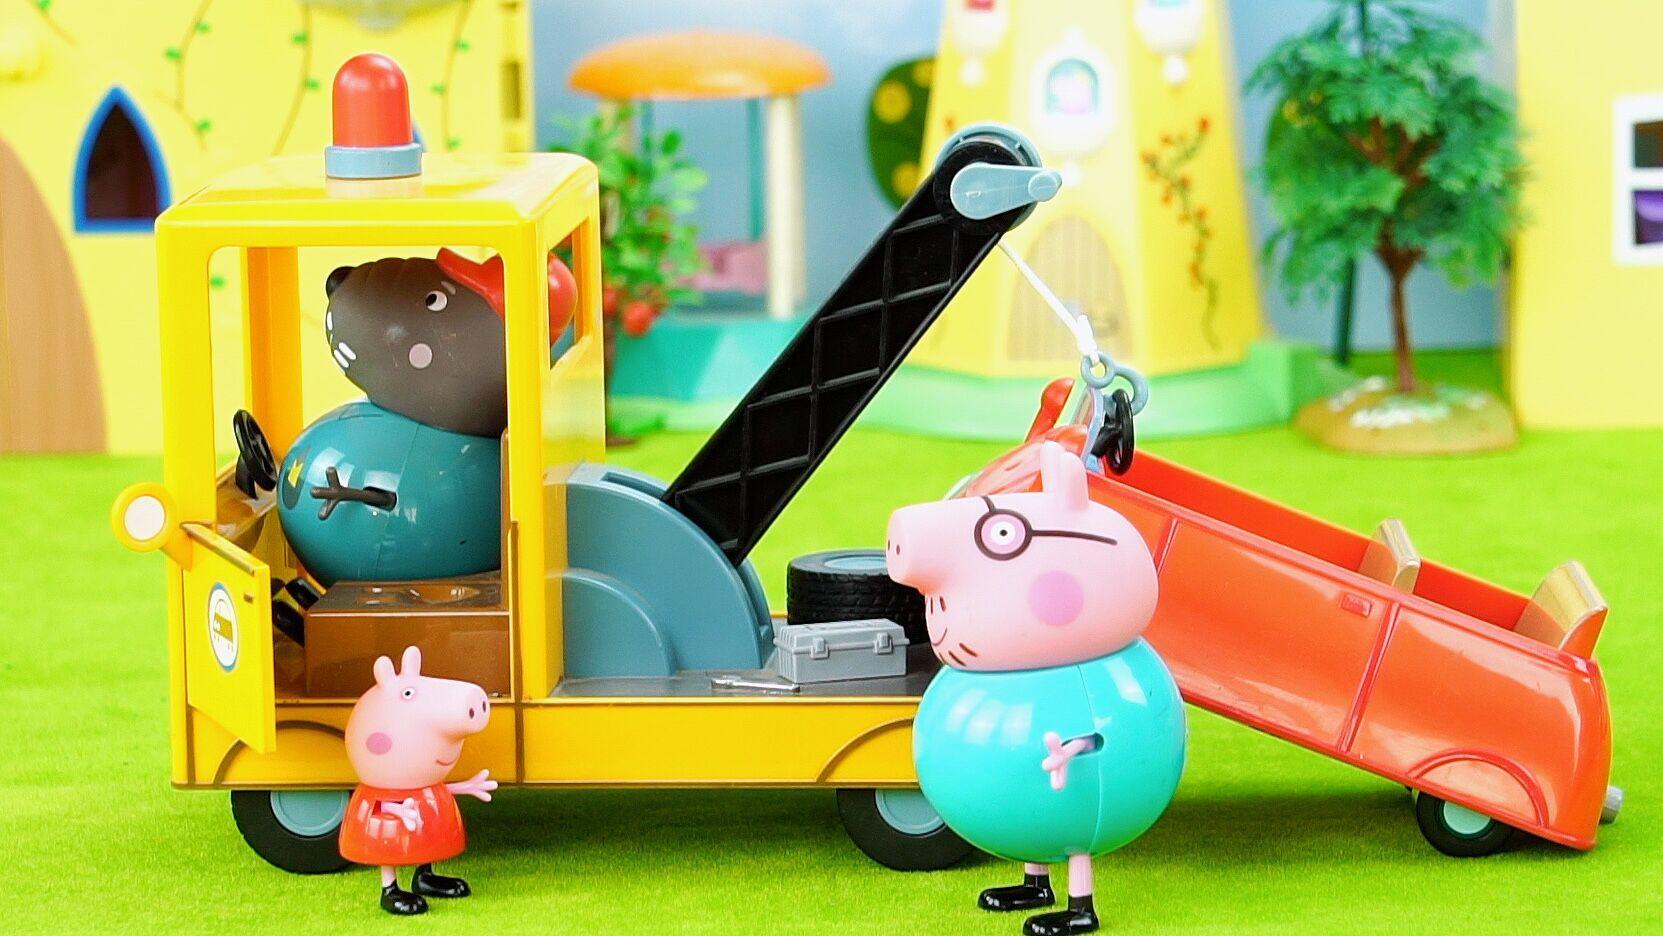 超级飞侠乐迪帮小猪佩奇来拖车 动画 玩具口袋